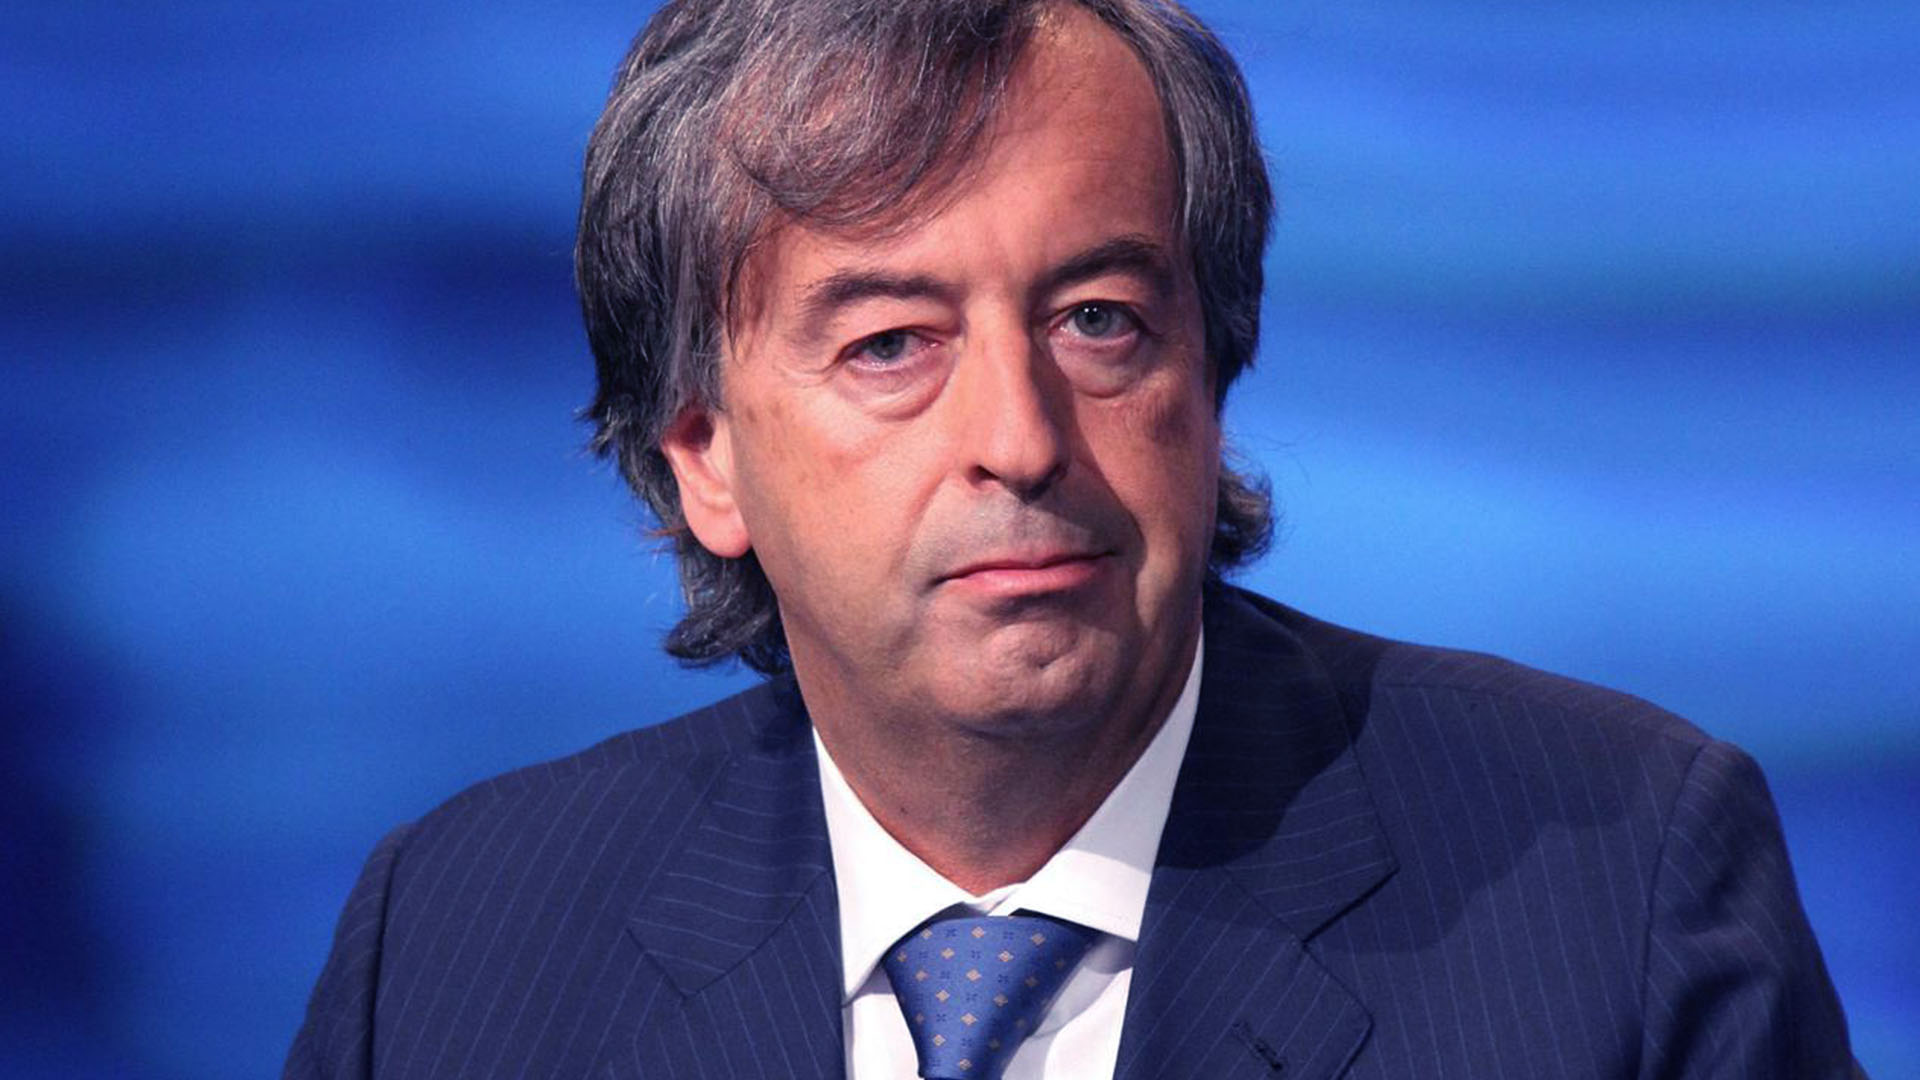 Roberto Burioni è uno dei principali divulgatori online